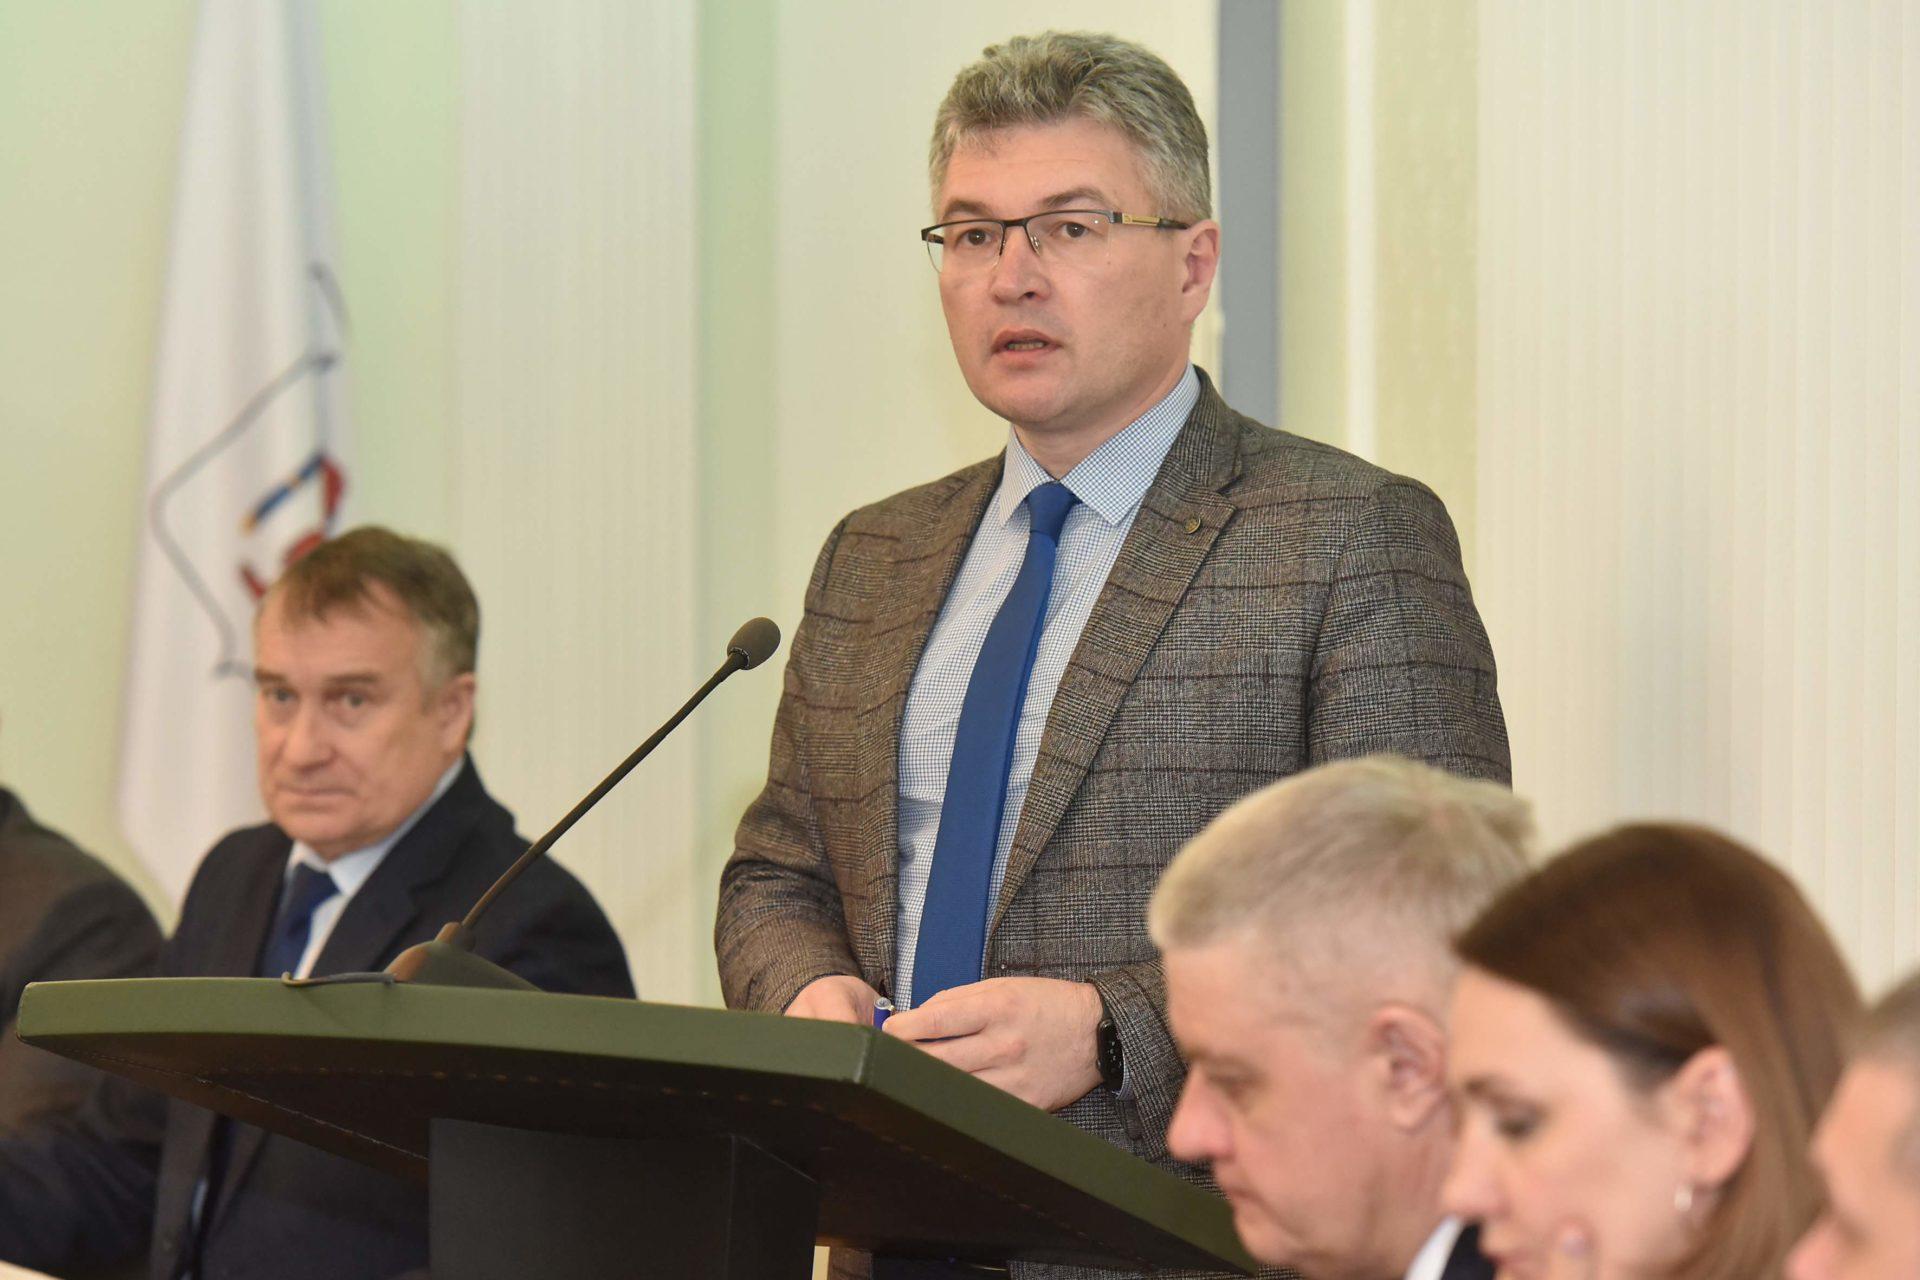 Министр финансов РМЭ Алексей Торощин рассказал об индивидуальной программе социально-экономического развития региона